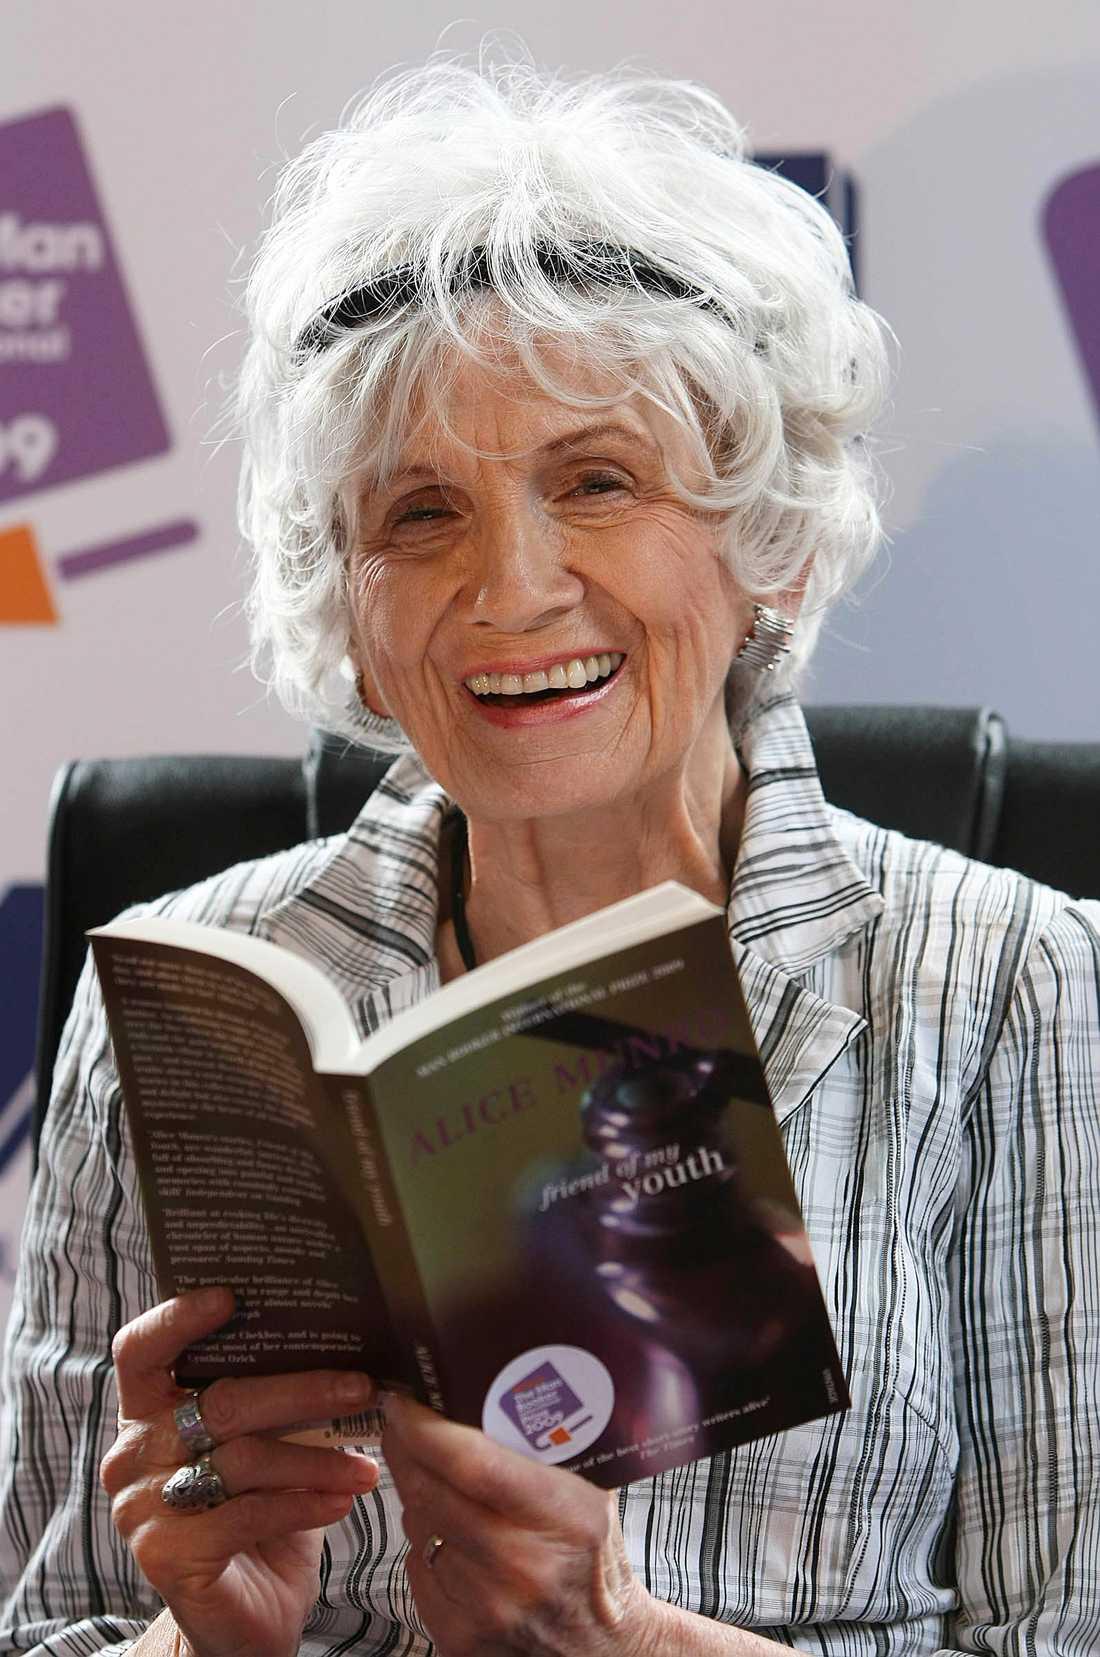 Alice Munro, Kanada, novellernas mästare, får Nobelpriset i litteratur för sin totala produktion av korta berättelser som lämpar sig utmärkt för bussresan.Fot: AP